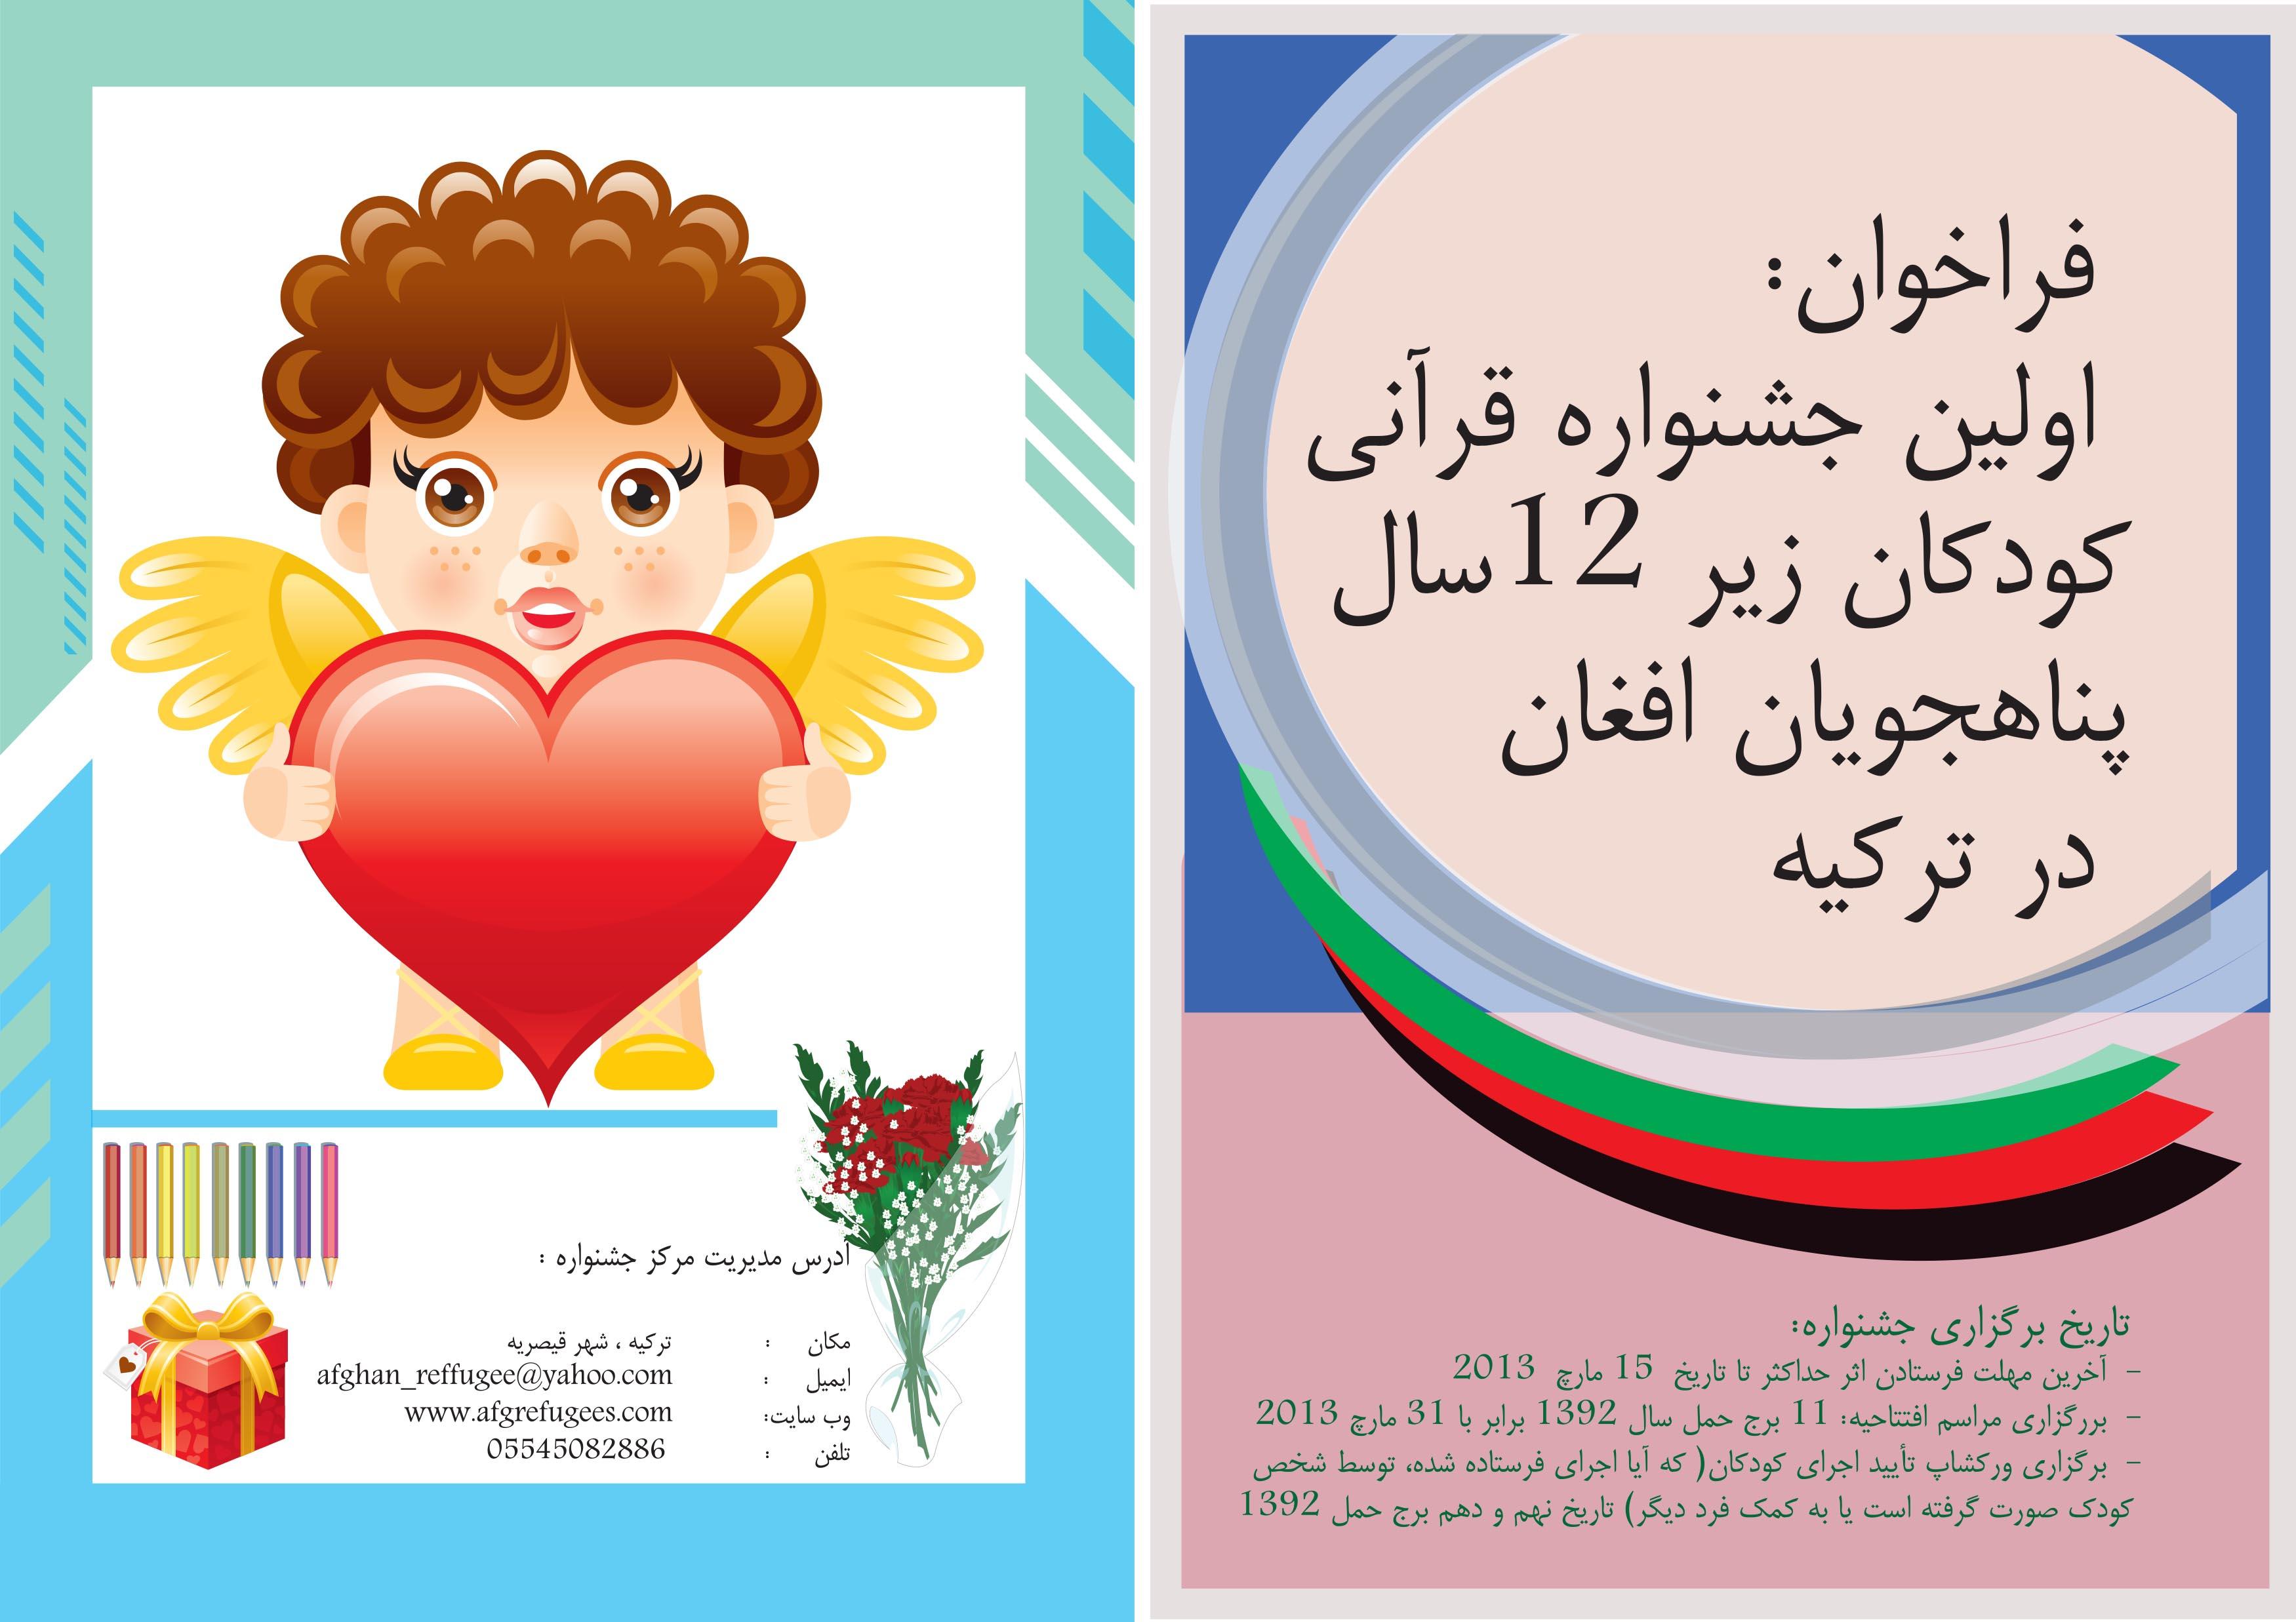 اولین جشنواره قرآنی کودکان زیر 12 سال پناهجویان افغان در ترکیه